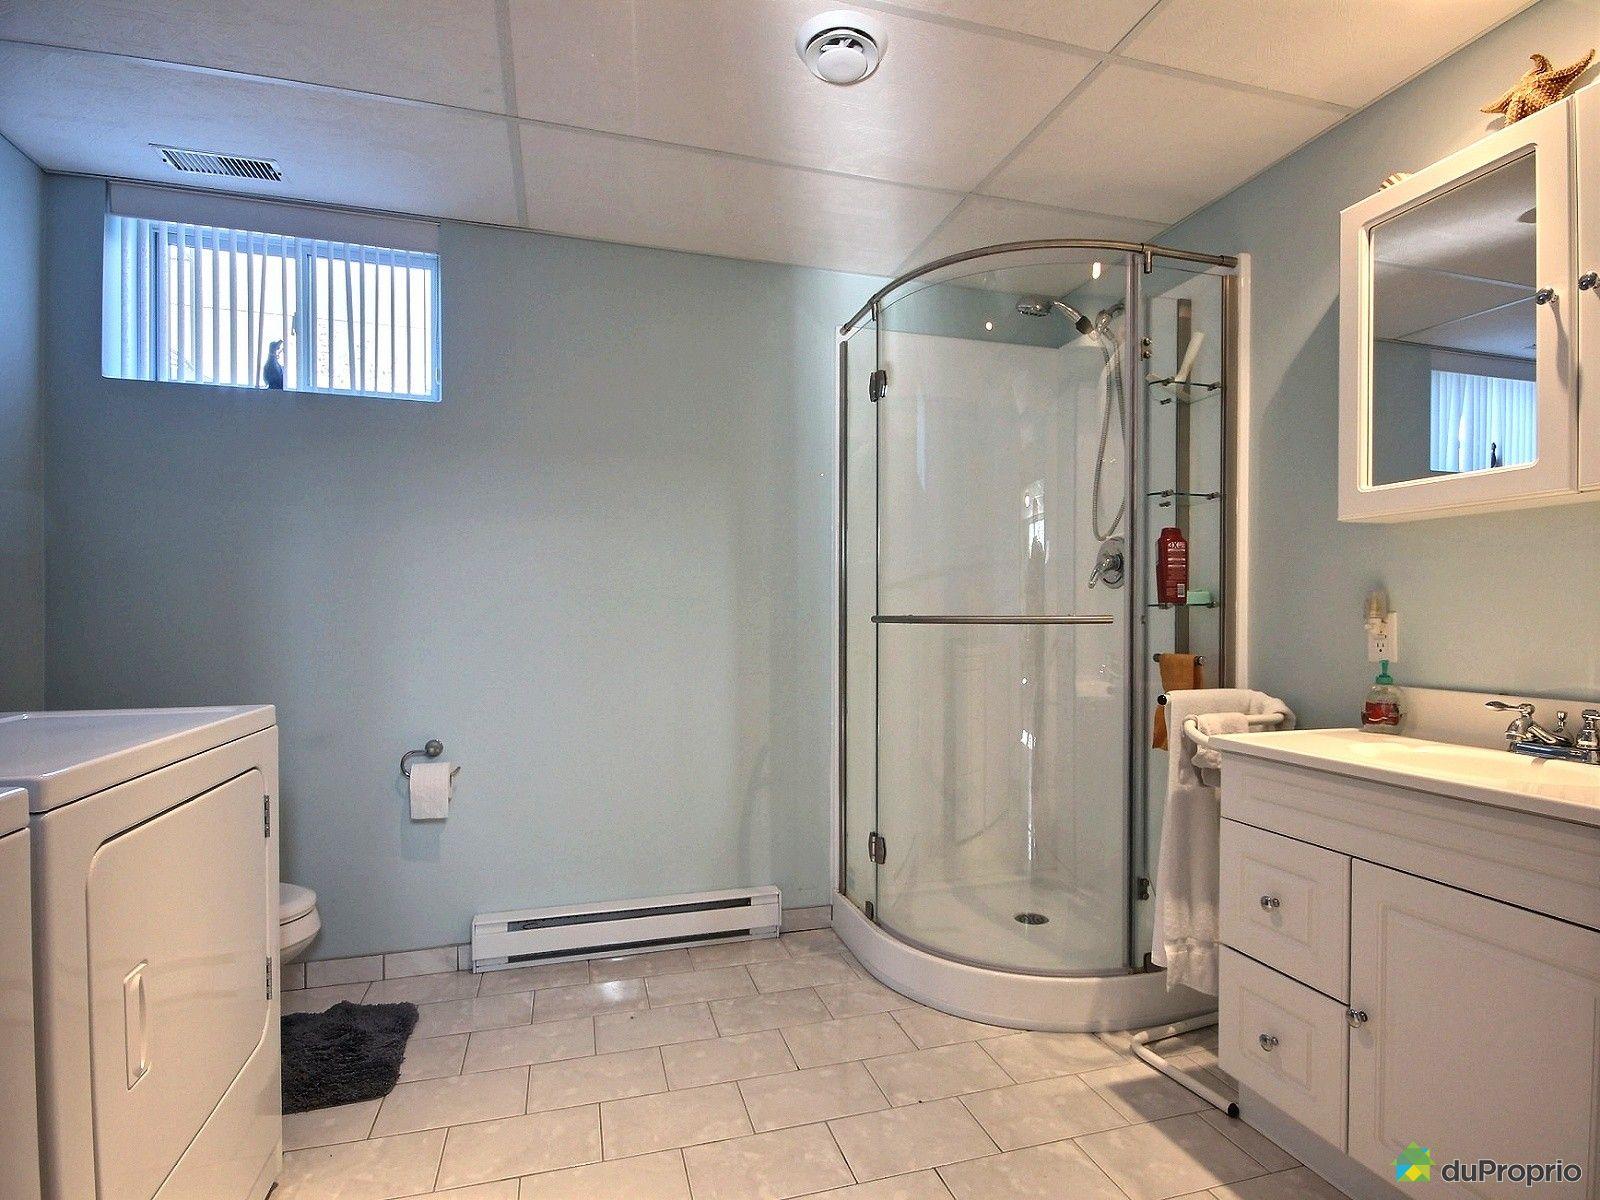 Maison vendu cap de la madeleine immobilier qu bec for Plancher salle de bain sous sol